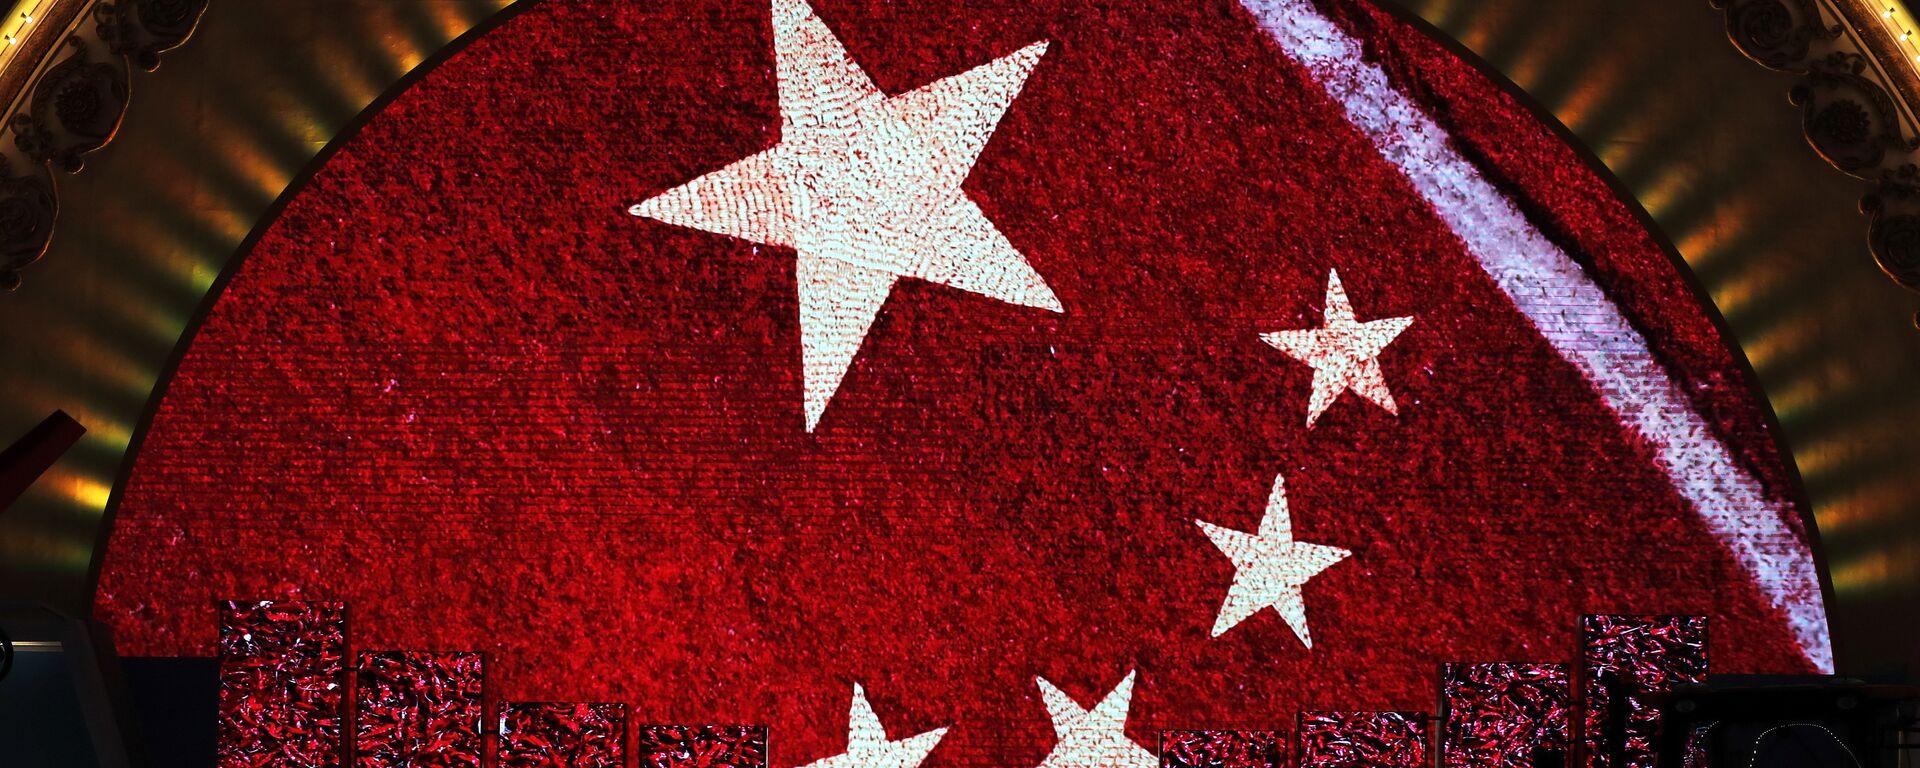 Una pantalla enseña la bandera de China para los visitantes de una exhibición (imagen referencial) - Sputnik Mundo, 1920, 16.11.2020